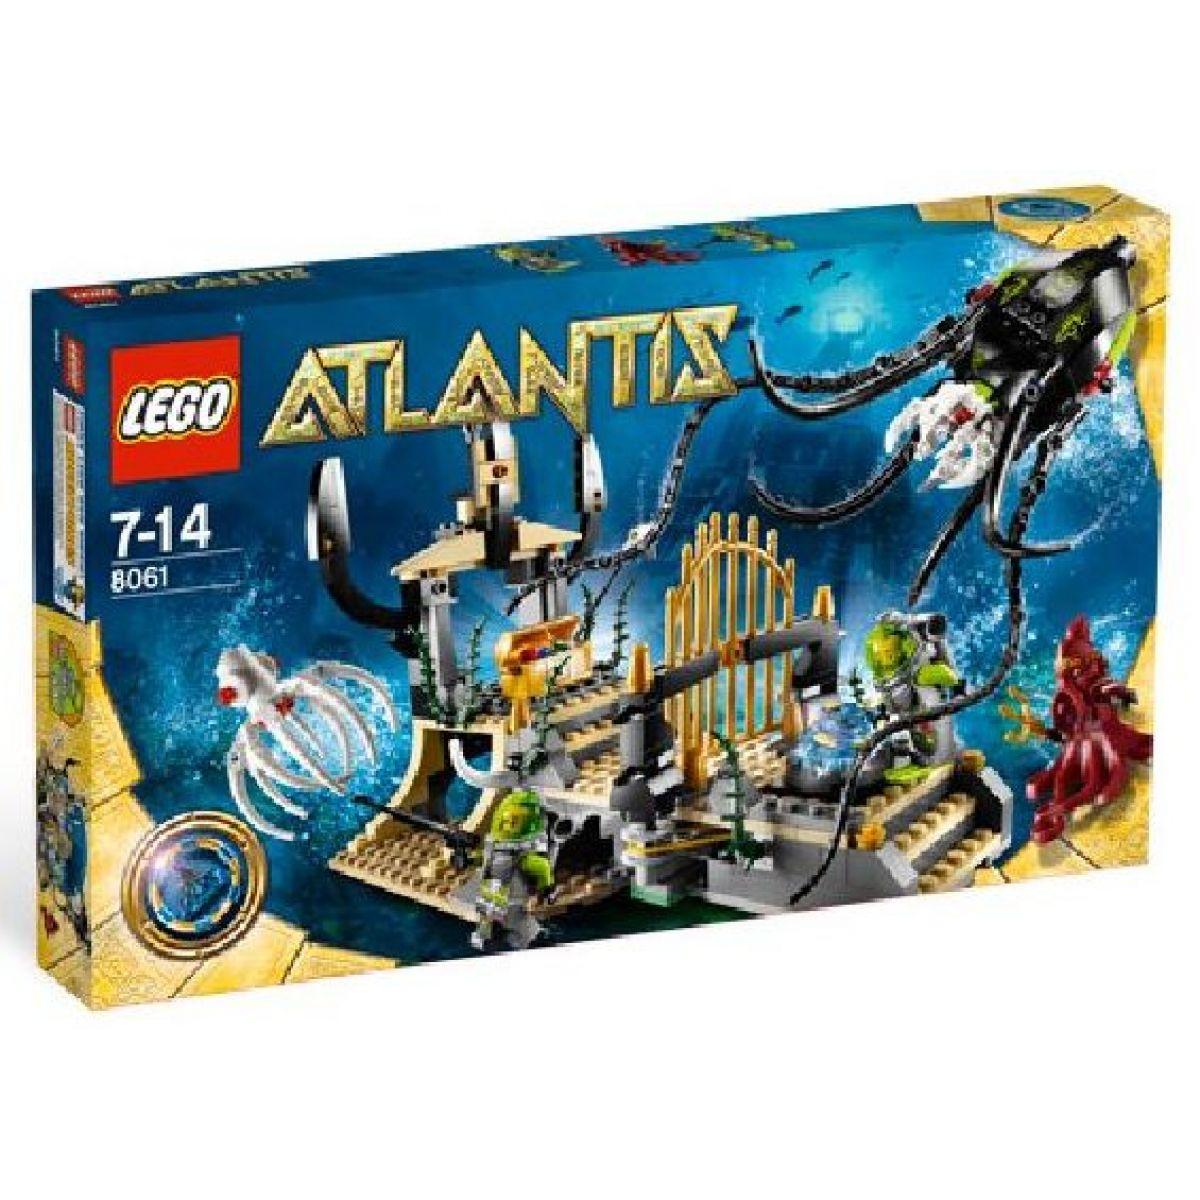 LEGO Atlantis 8061 Oliheň střeží bránu